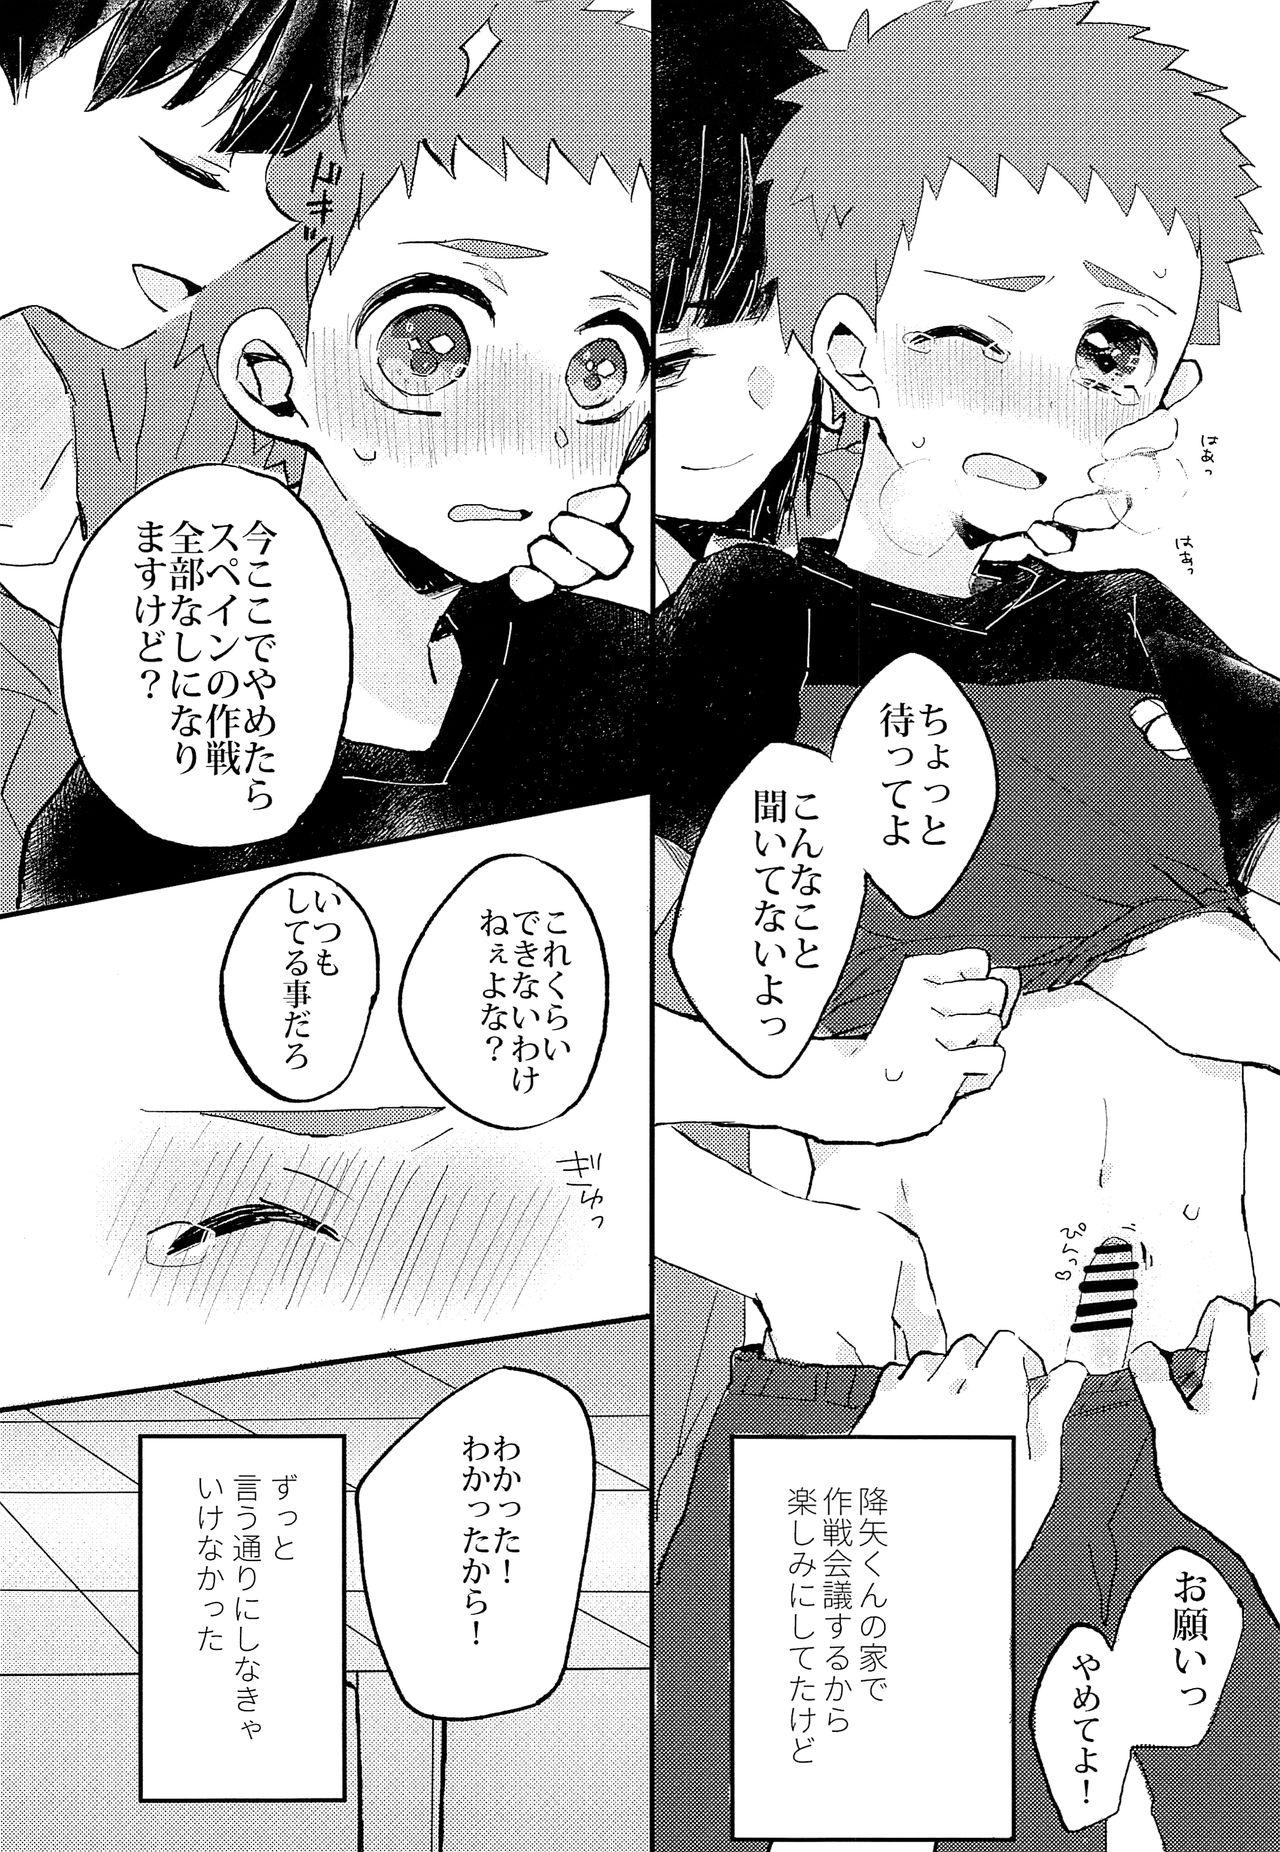 Himitsu no daisuki 8